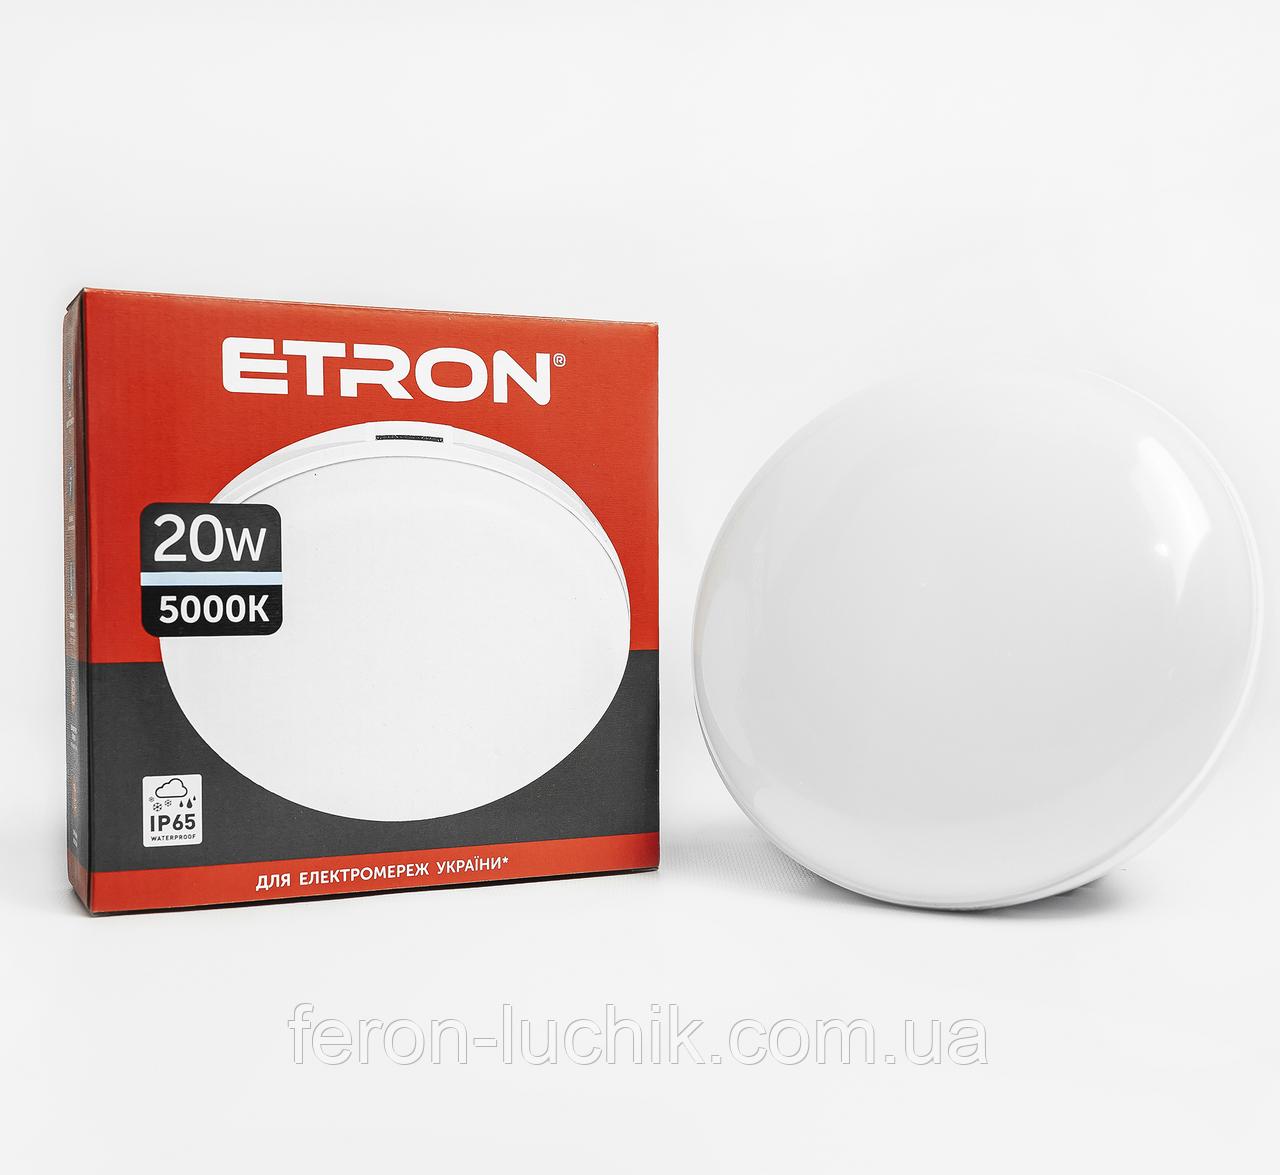 Светильник LED 20W 5000К IP65 ЖКХ ETRON светодиодный потолочный накладной круглый Communal 1-EСP-506-C